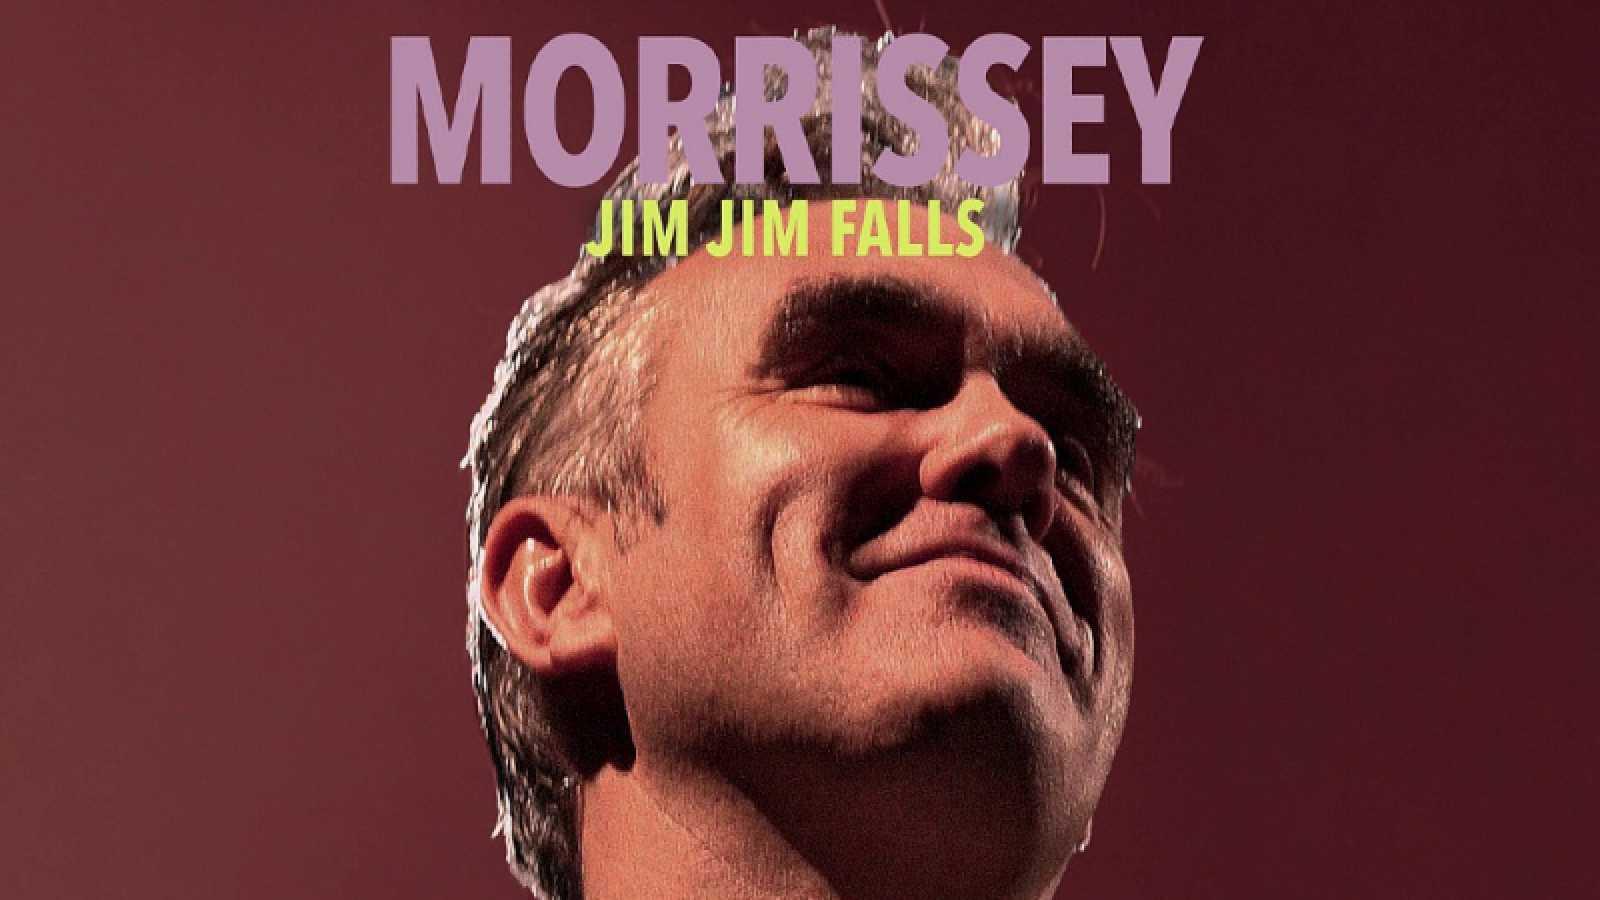 Próxima parada - Ryan Adams, Jesse Malin y Morrissey - 06/05/21 - escuchar ahora